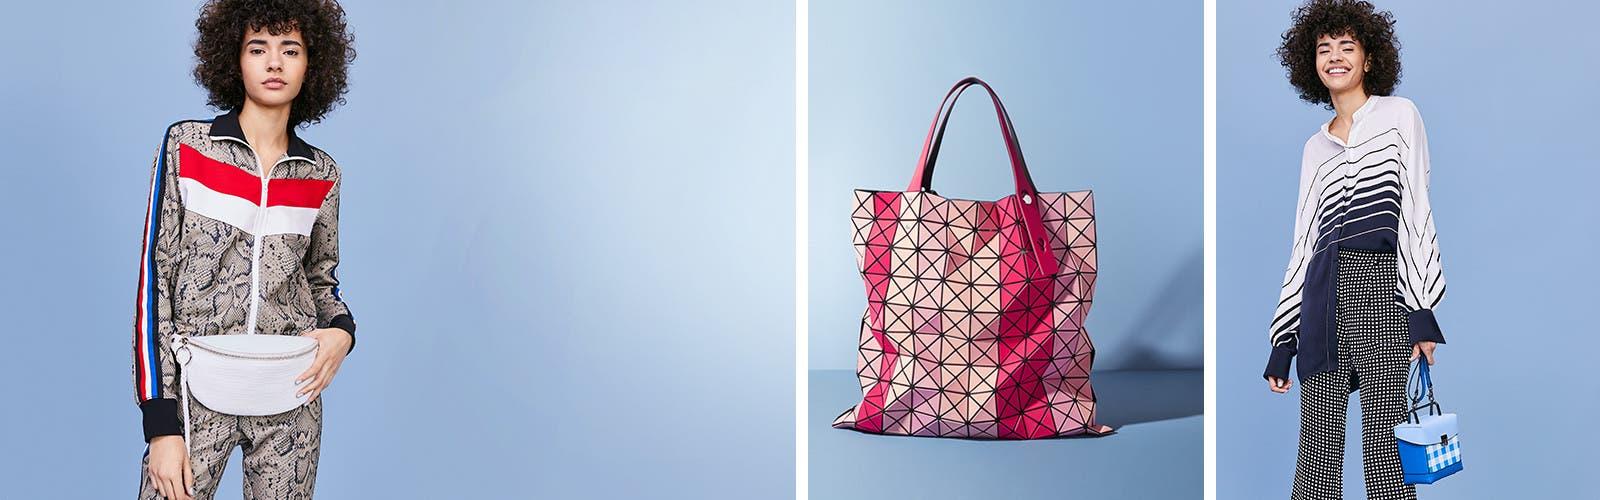 Handbags   Wallets for Women   Nordstrom 102fd5e8e9